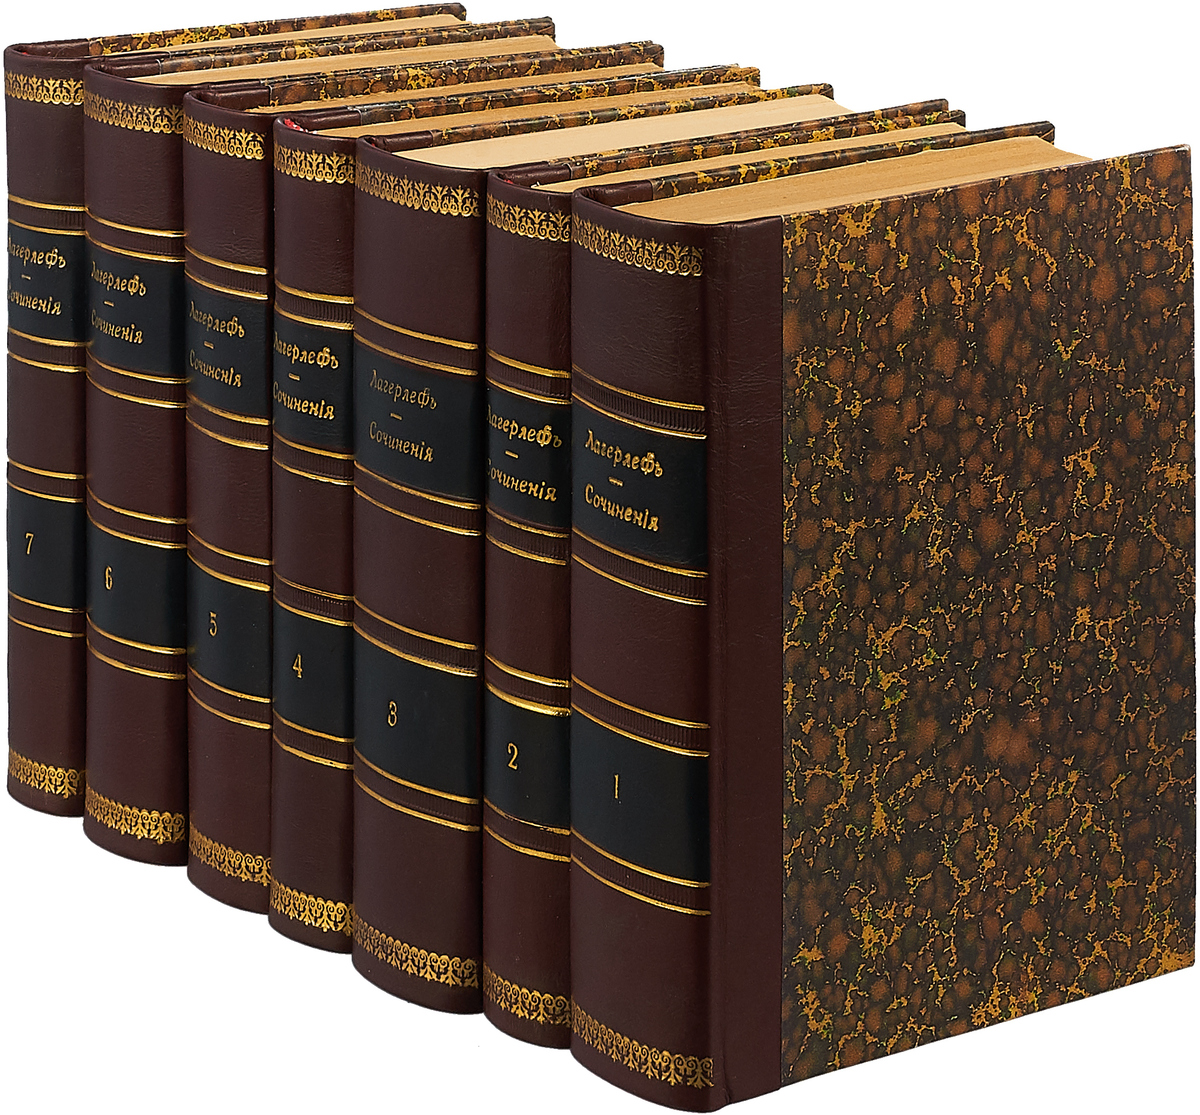 Сельма Лагерлёф. Полное собрание сочинений в 12 томах (комплект из 7 книг)